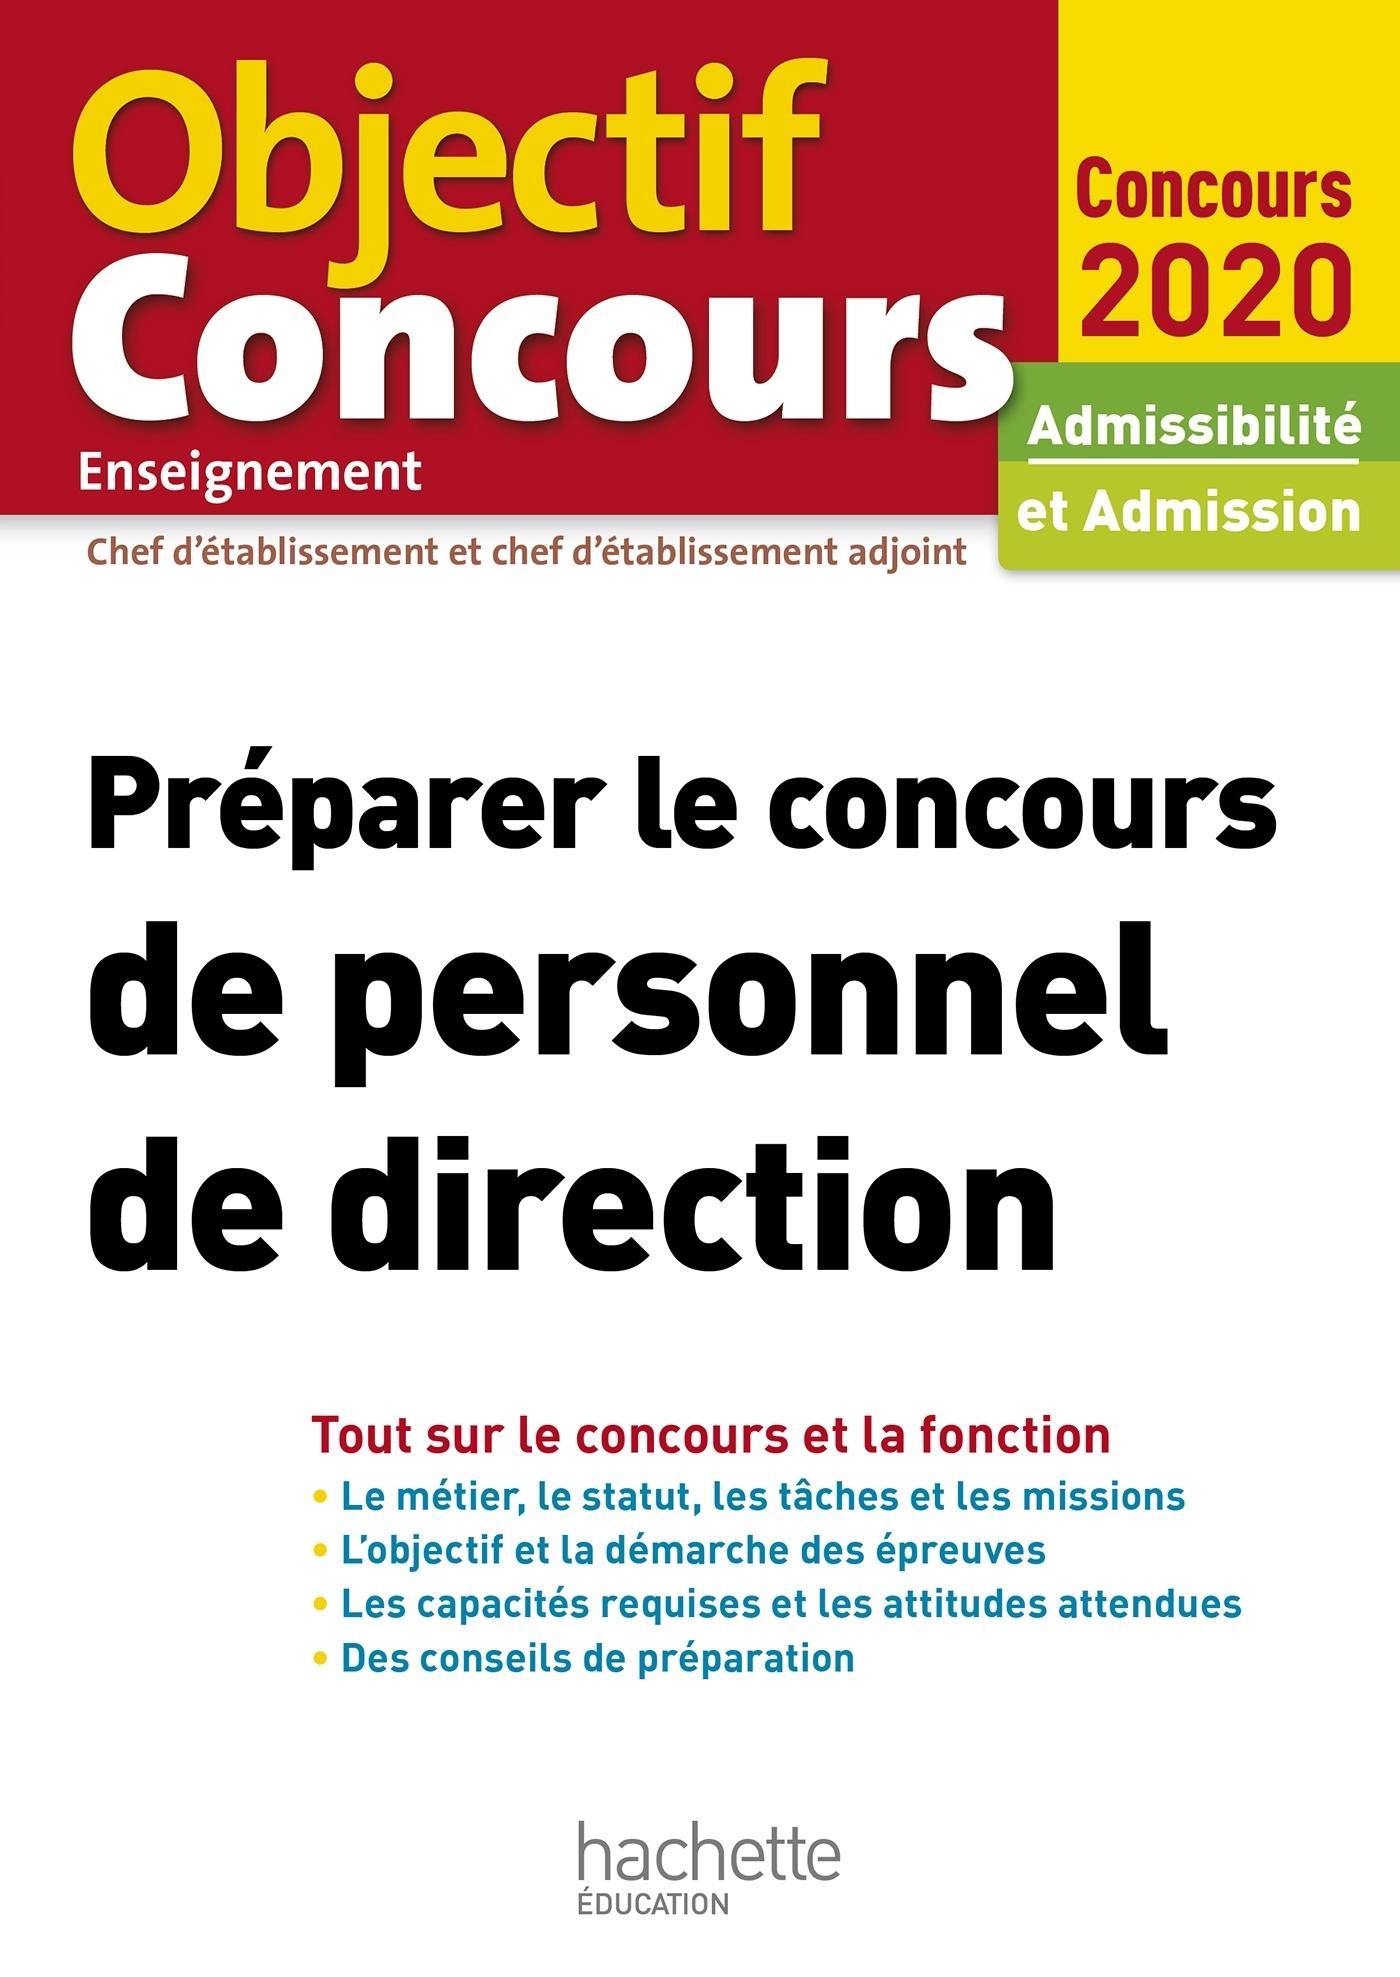 PREPARER LE CONCOURS DE PERSONNEL DE DIRECTION 2020